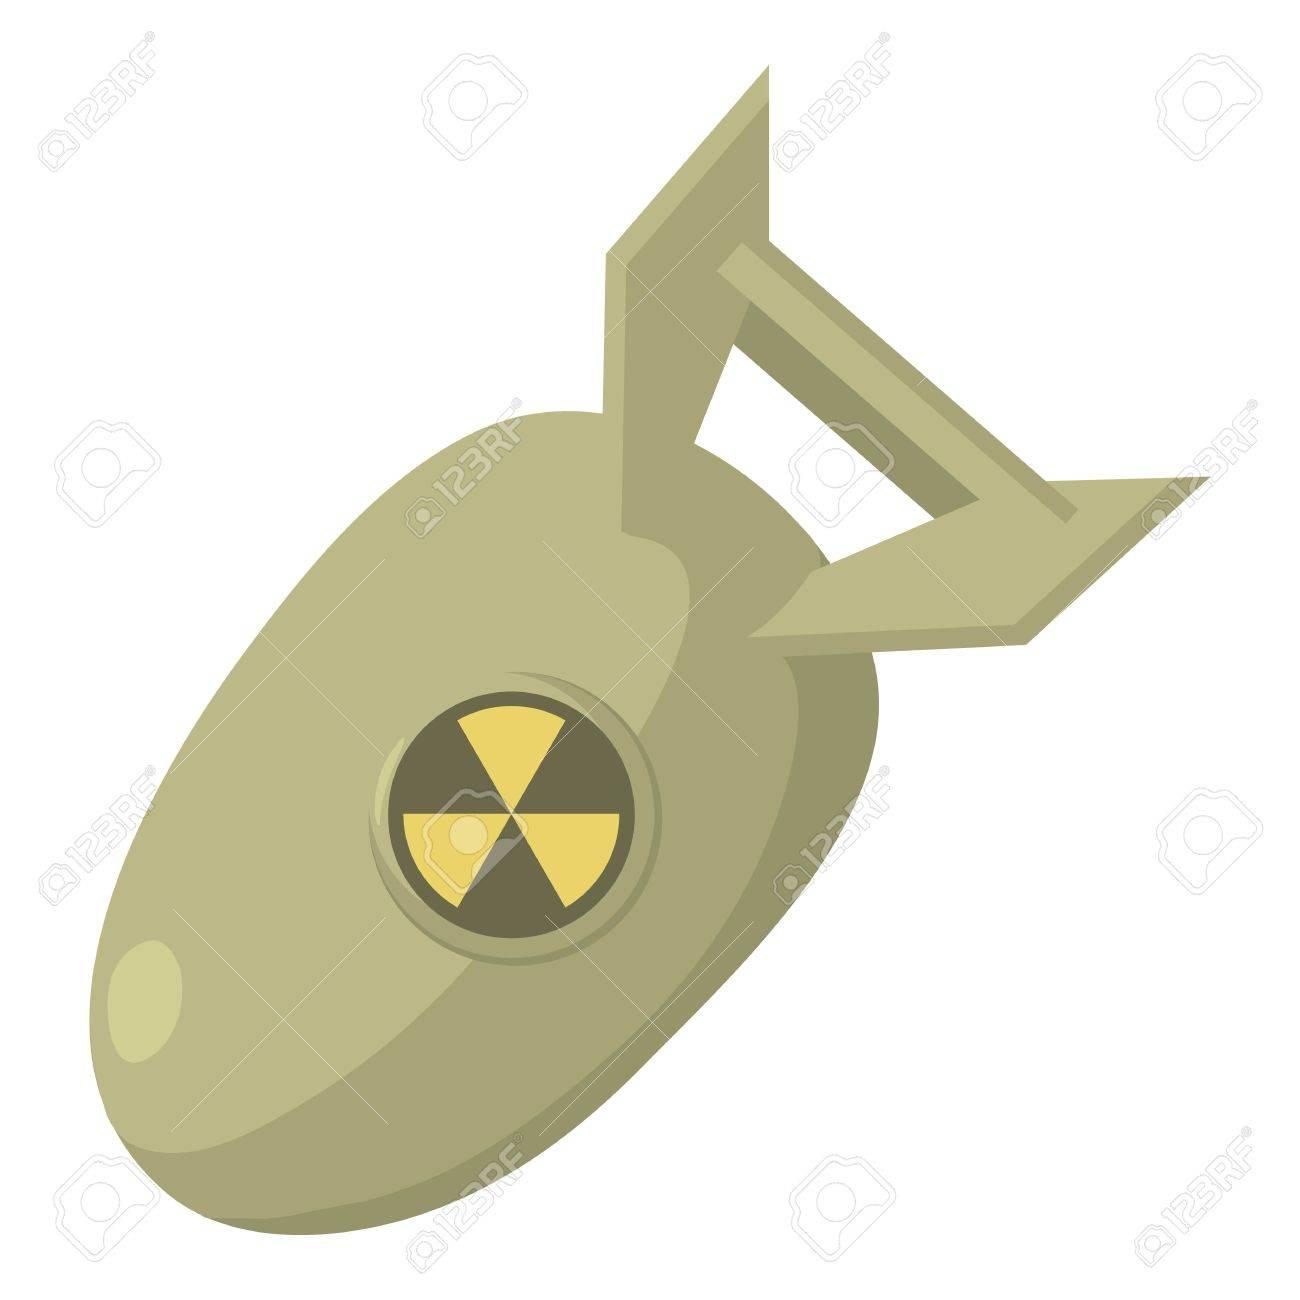 原子 爆弾